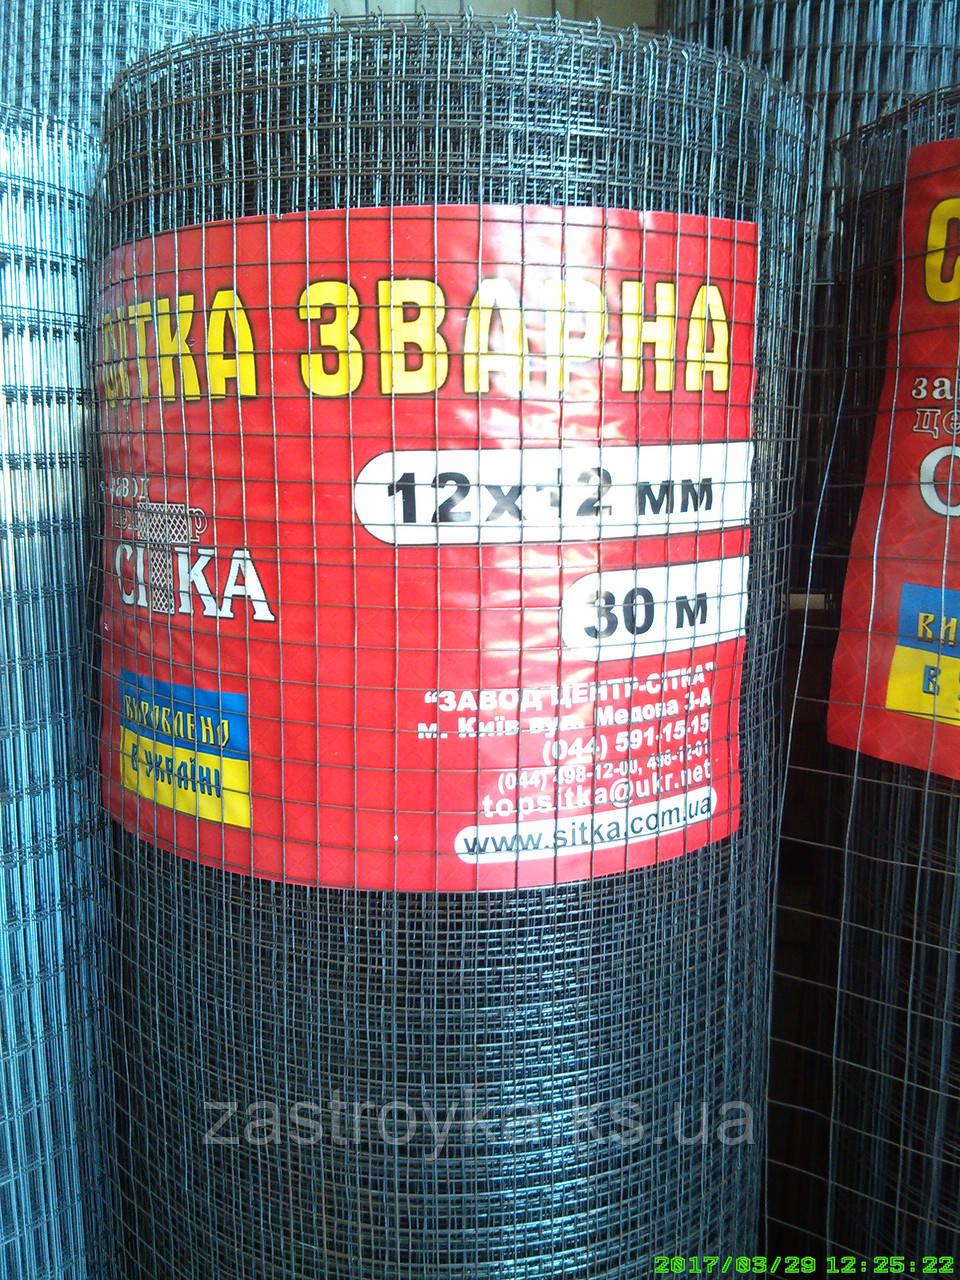 Сетка сварная 12х12мм d0,9мм (1х30м) (без покрытия) на метраж не режем